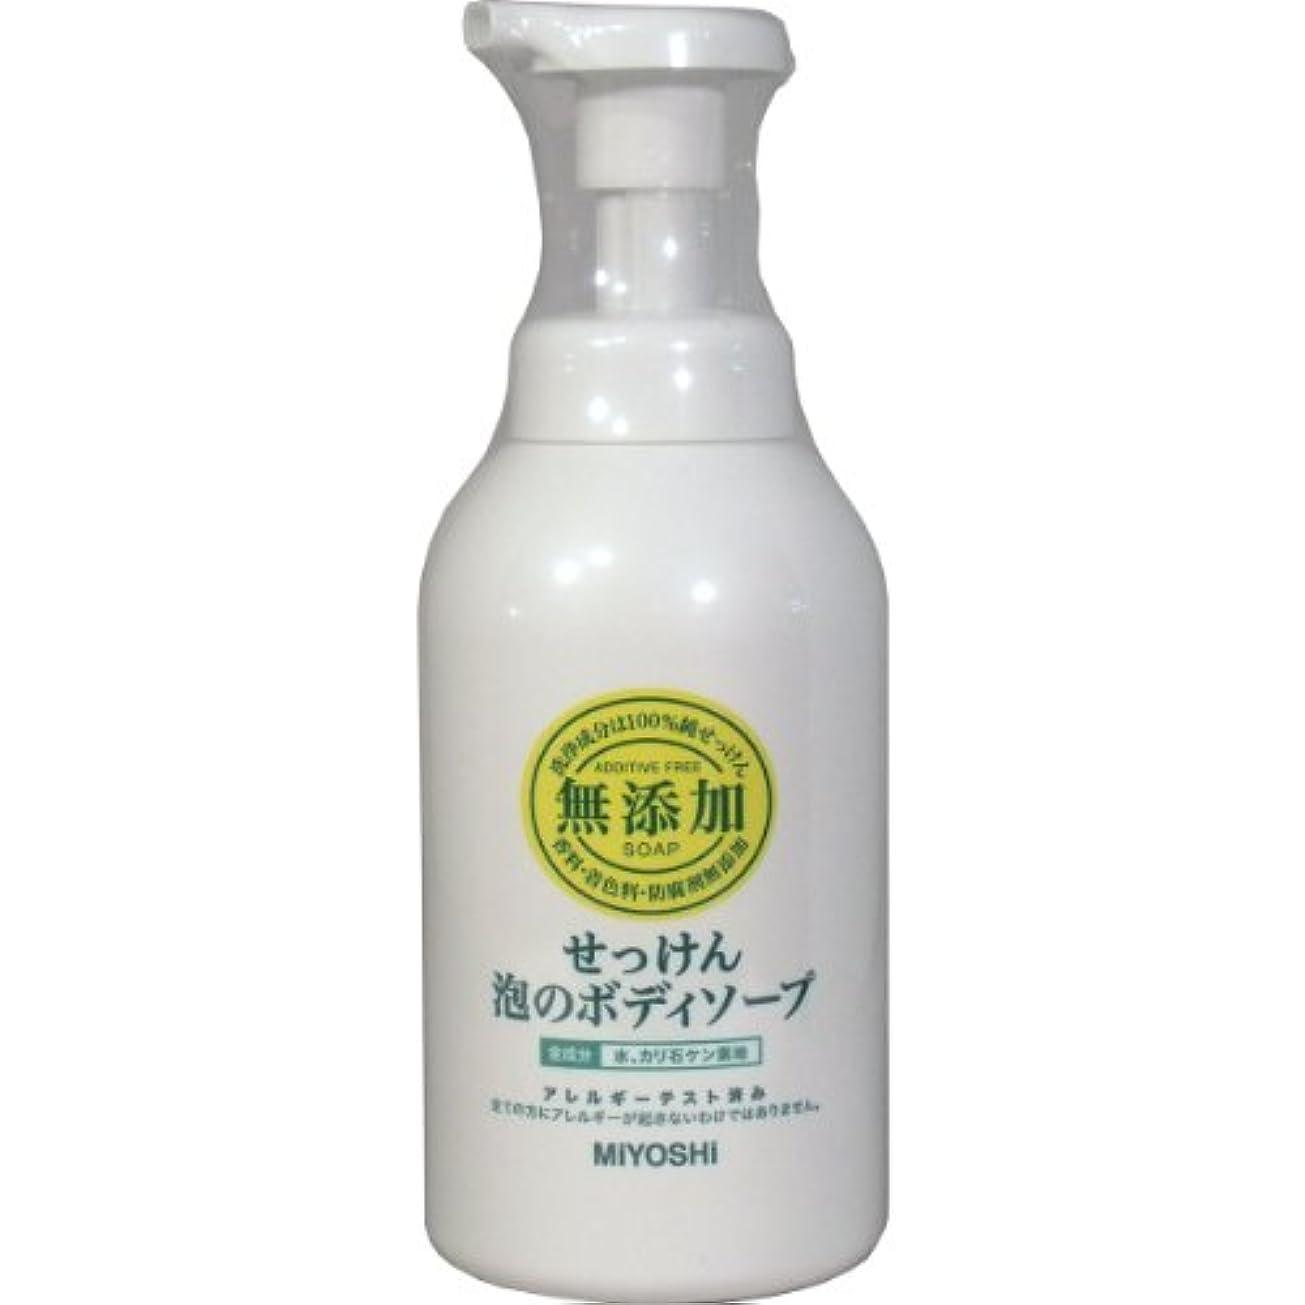 アイザック匹敵しますスピン洗浄成分は100%純せっけん!!ミヨシ無添加シリーズは石けん成分以外に何も添加していません!ポンプ500mL【2個セット】